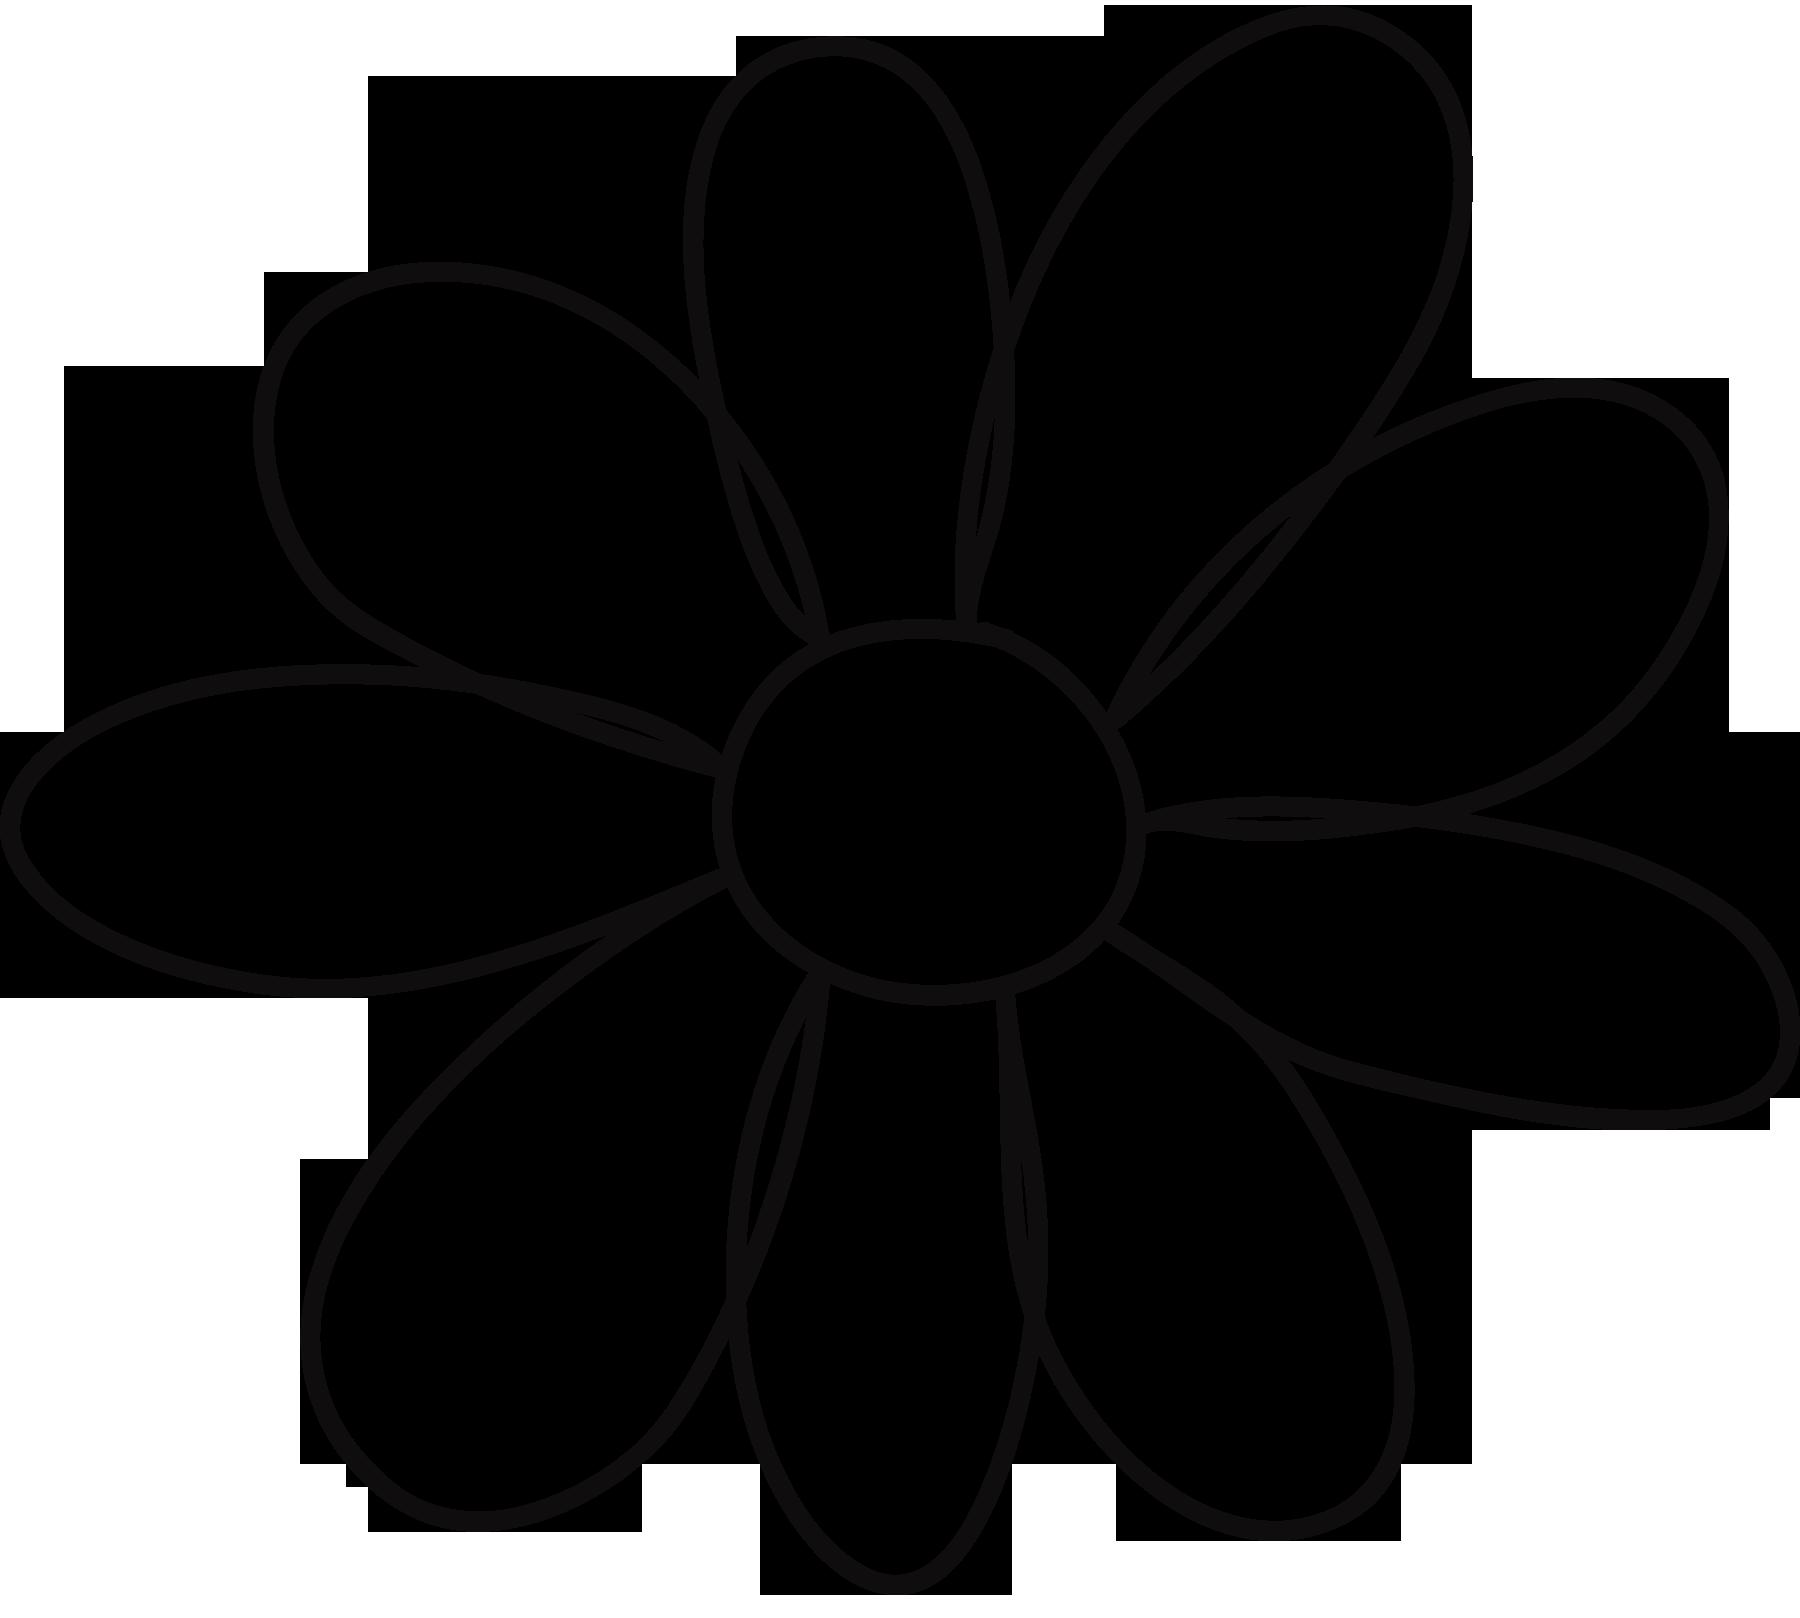 petal flower best. Photo clipart template